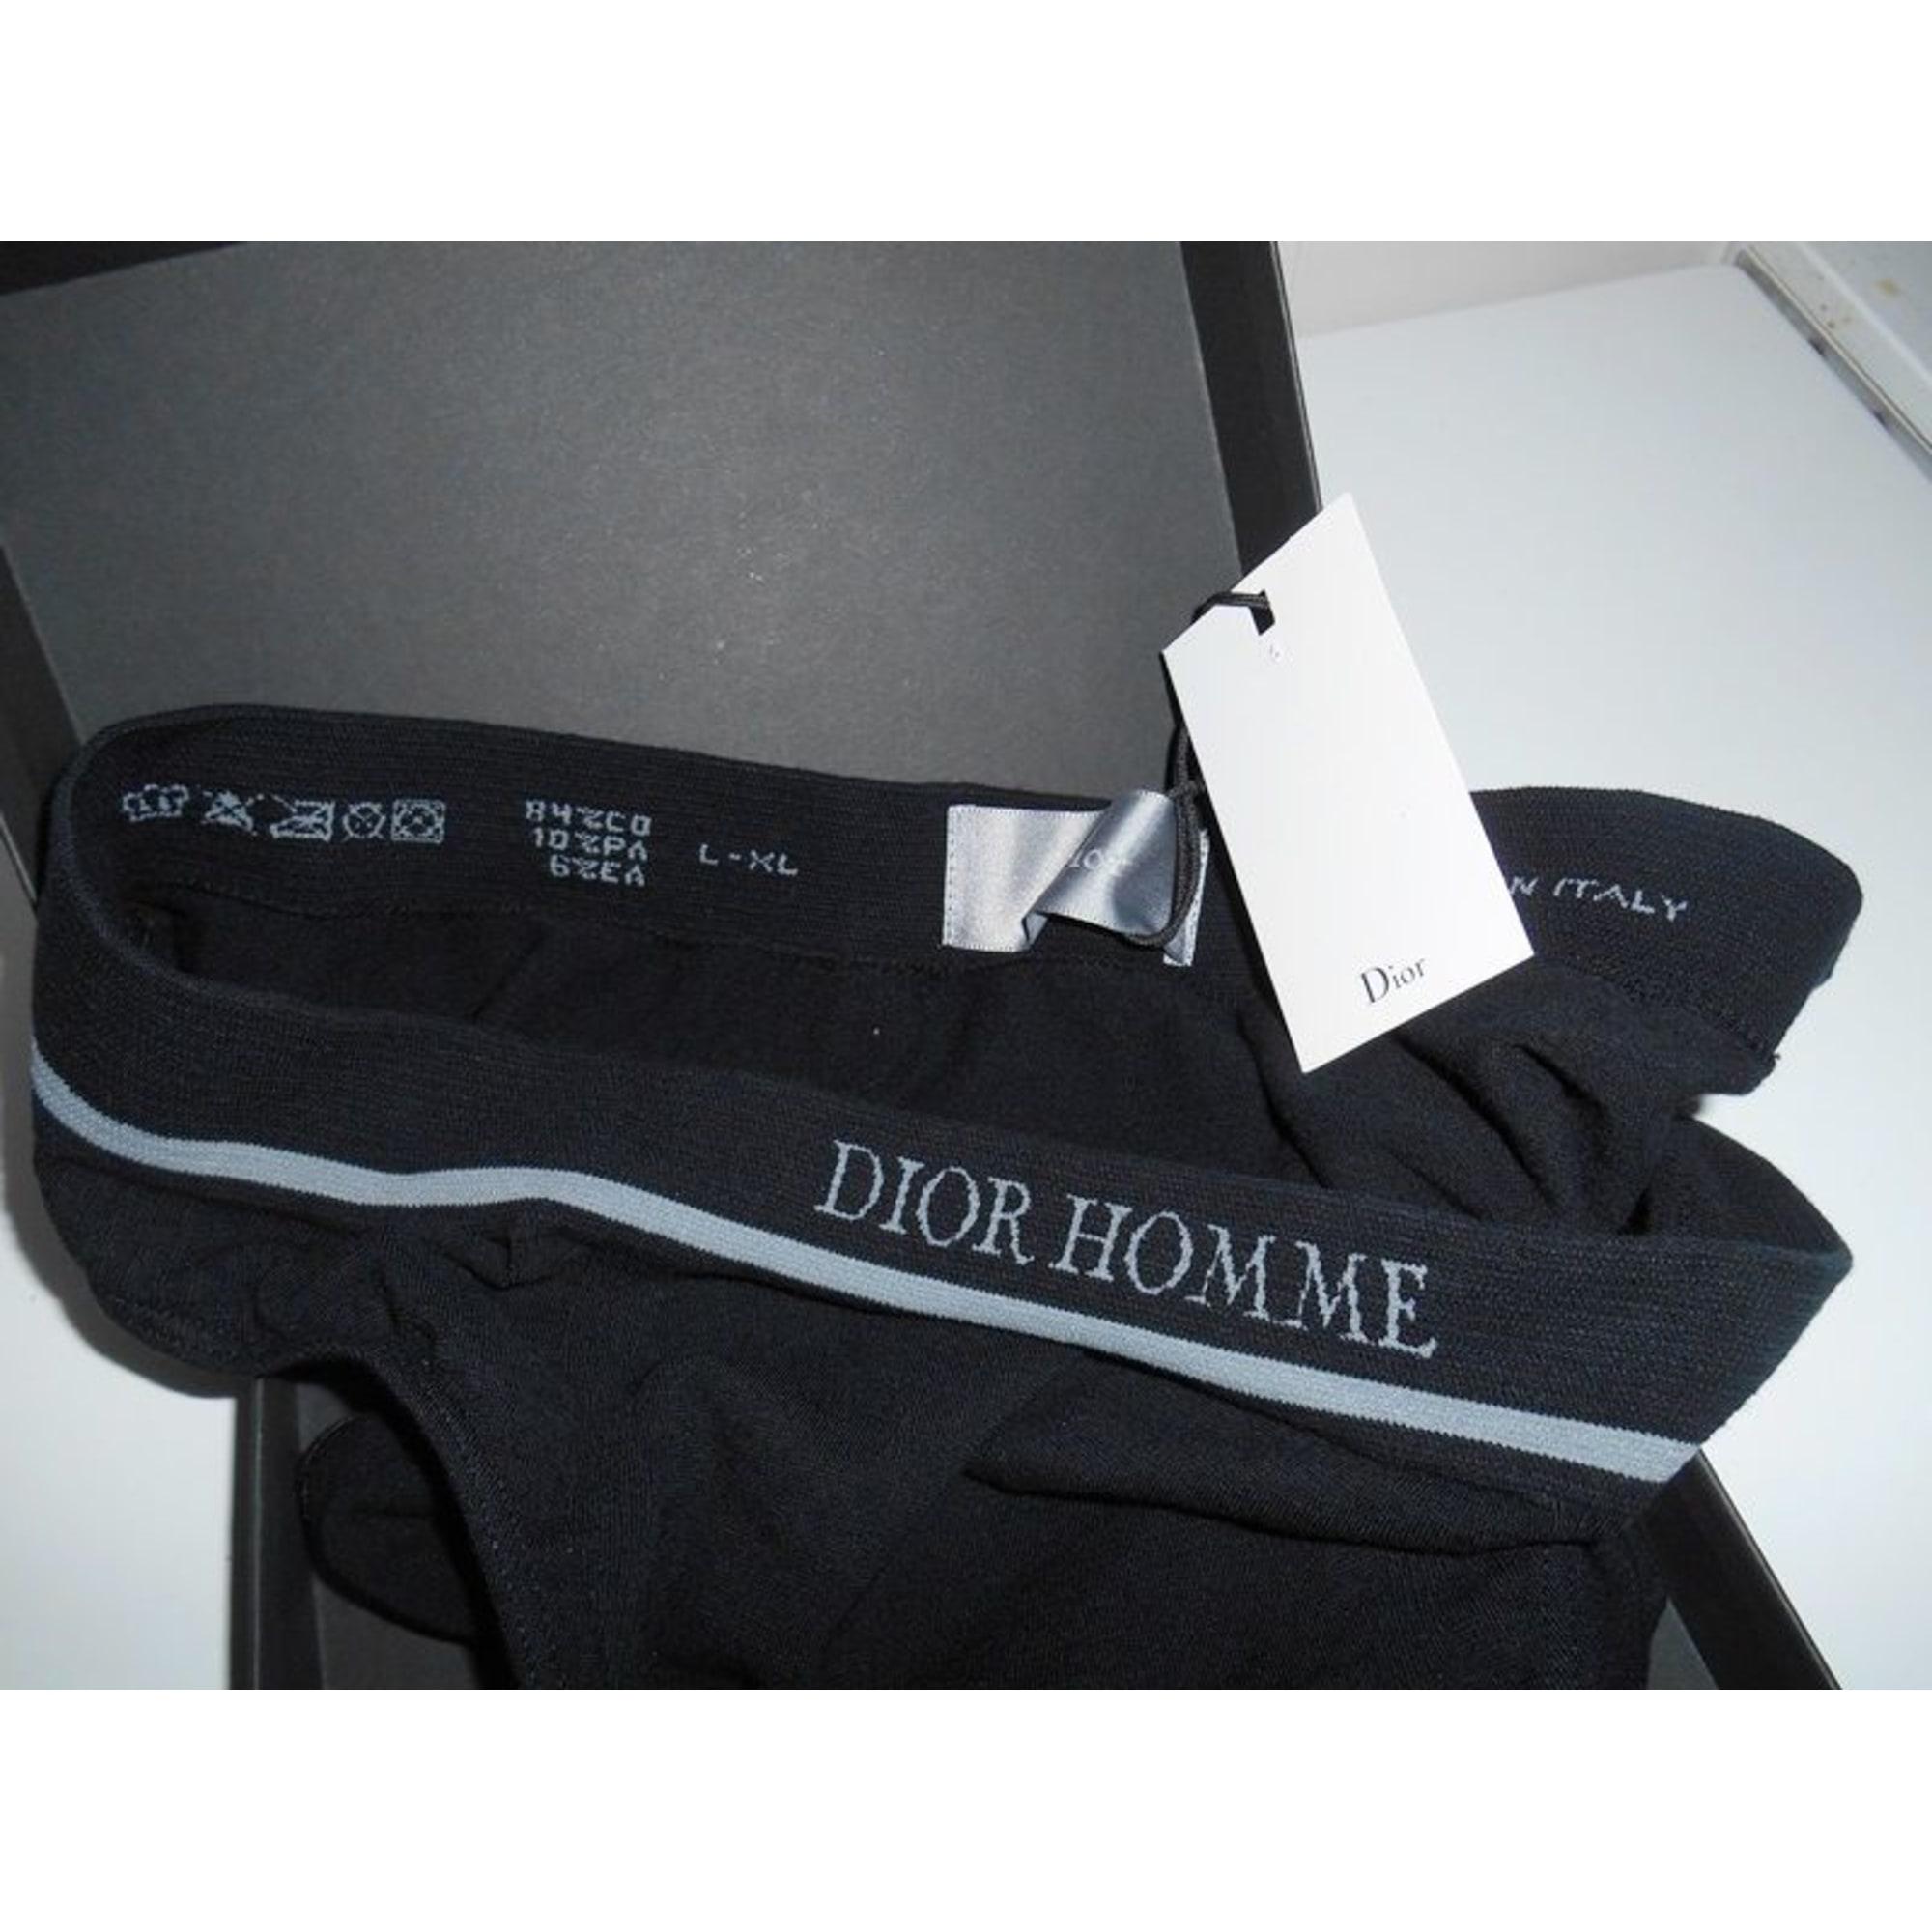 e71c6c82cebae1 Slip DIOR HOMME 3 (L) noir vendu par Mesz affaires(◡‿◡✿) - 3629266